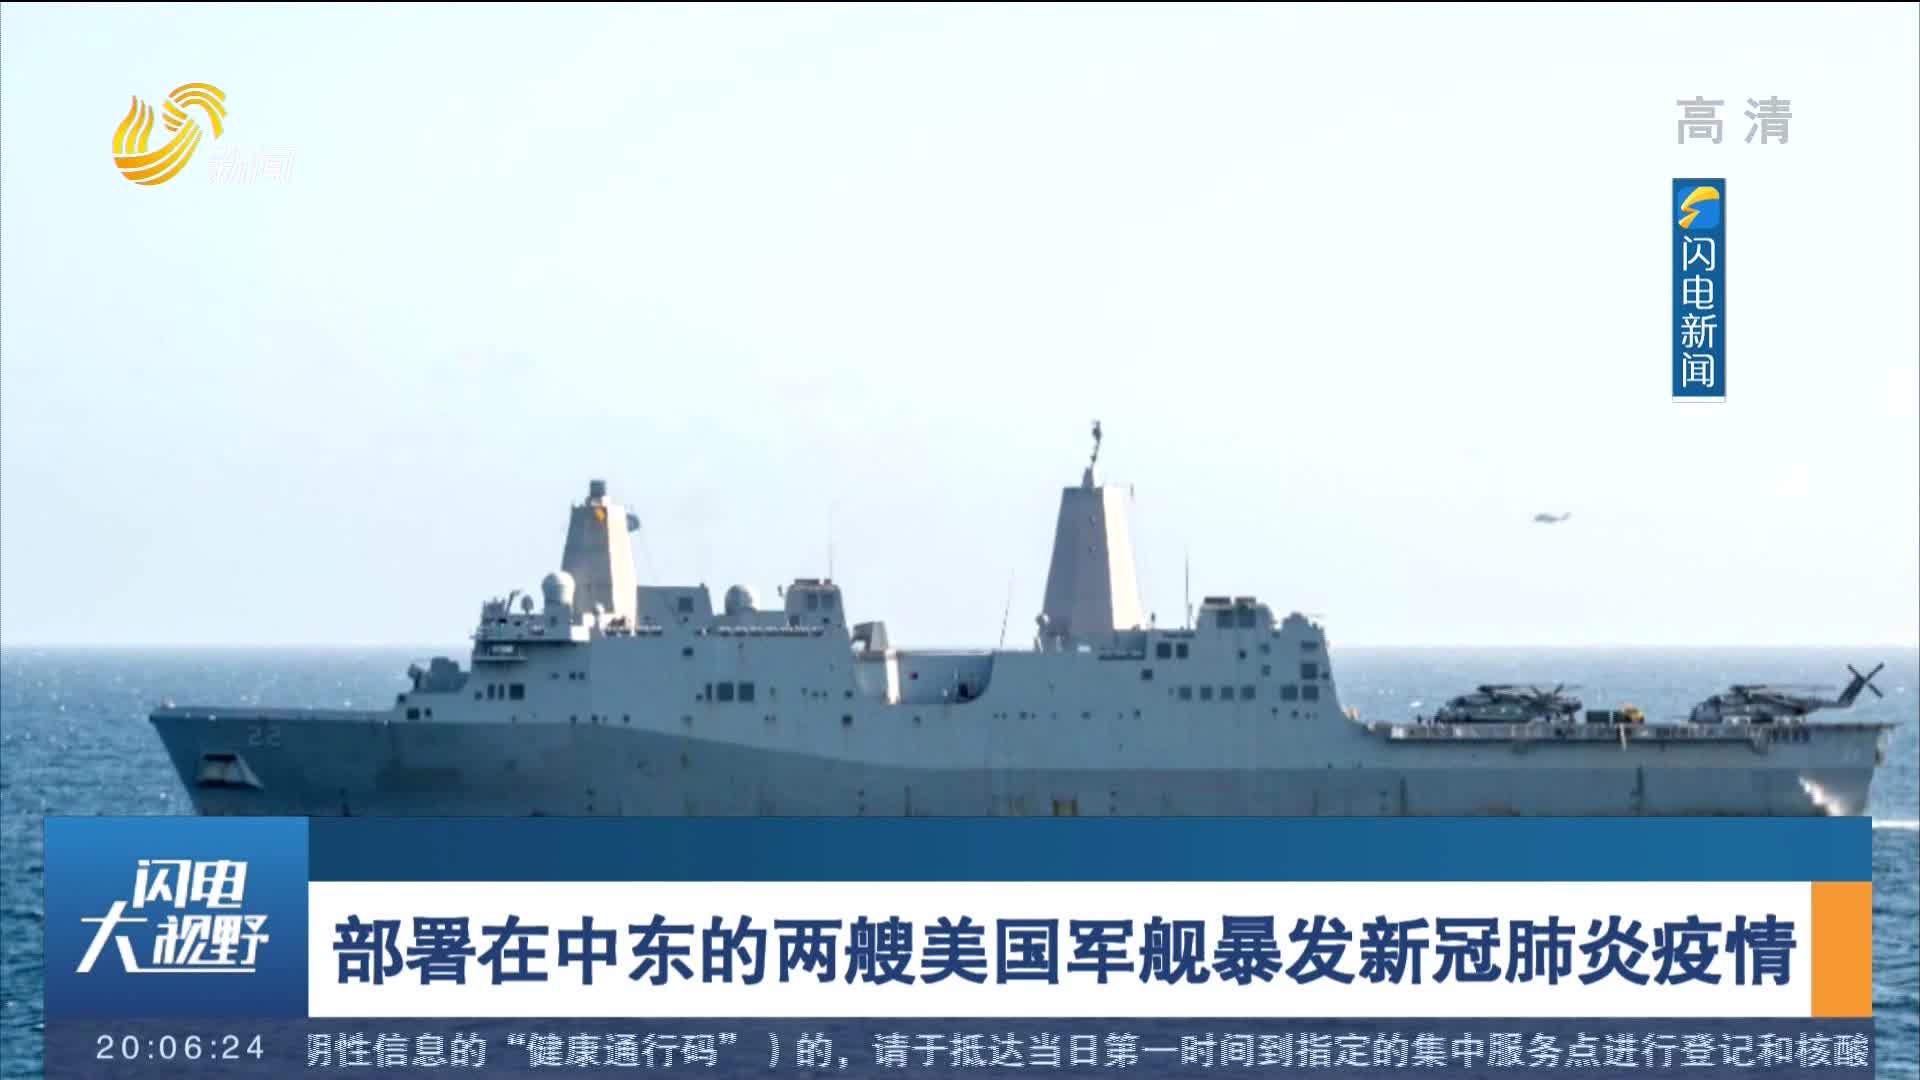 安排在中东的两艘美国军舰暴发新冠肺炎疫情